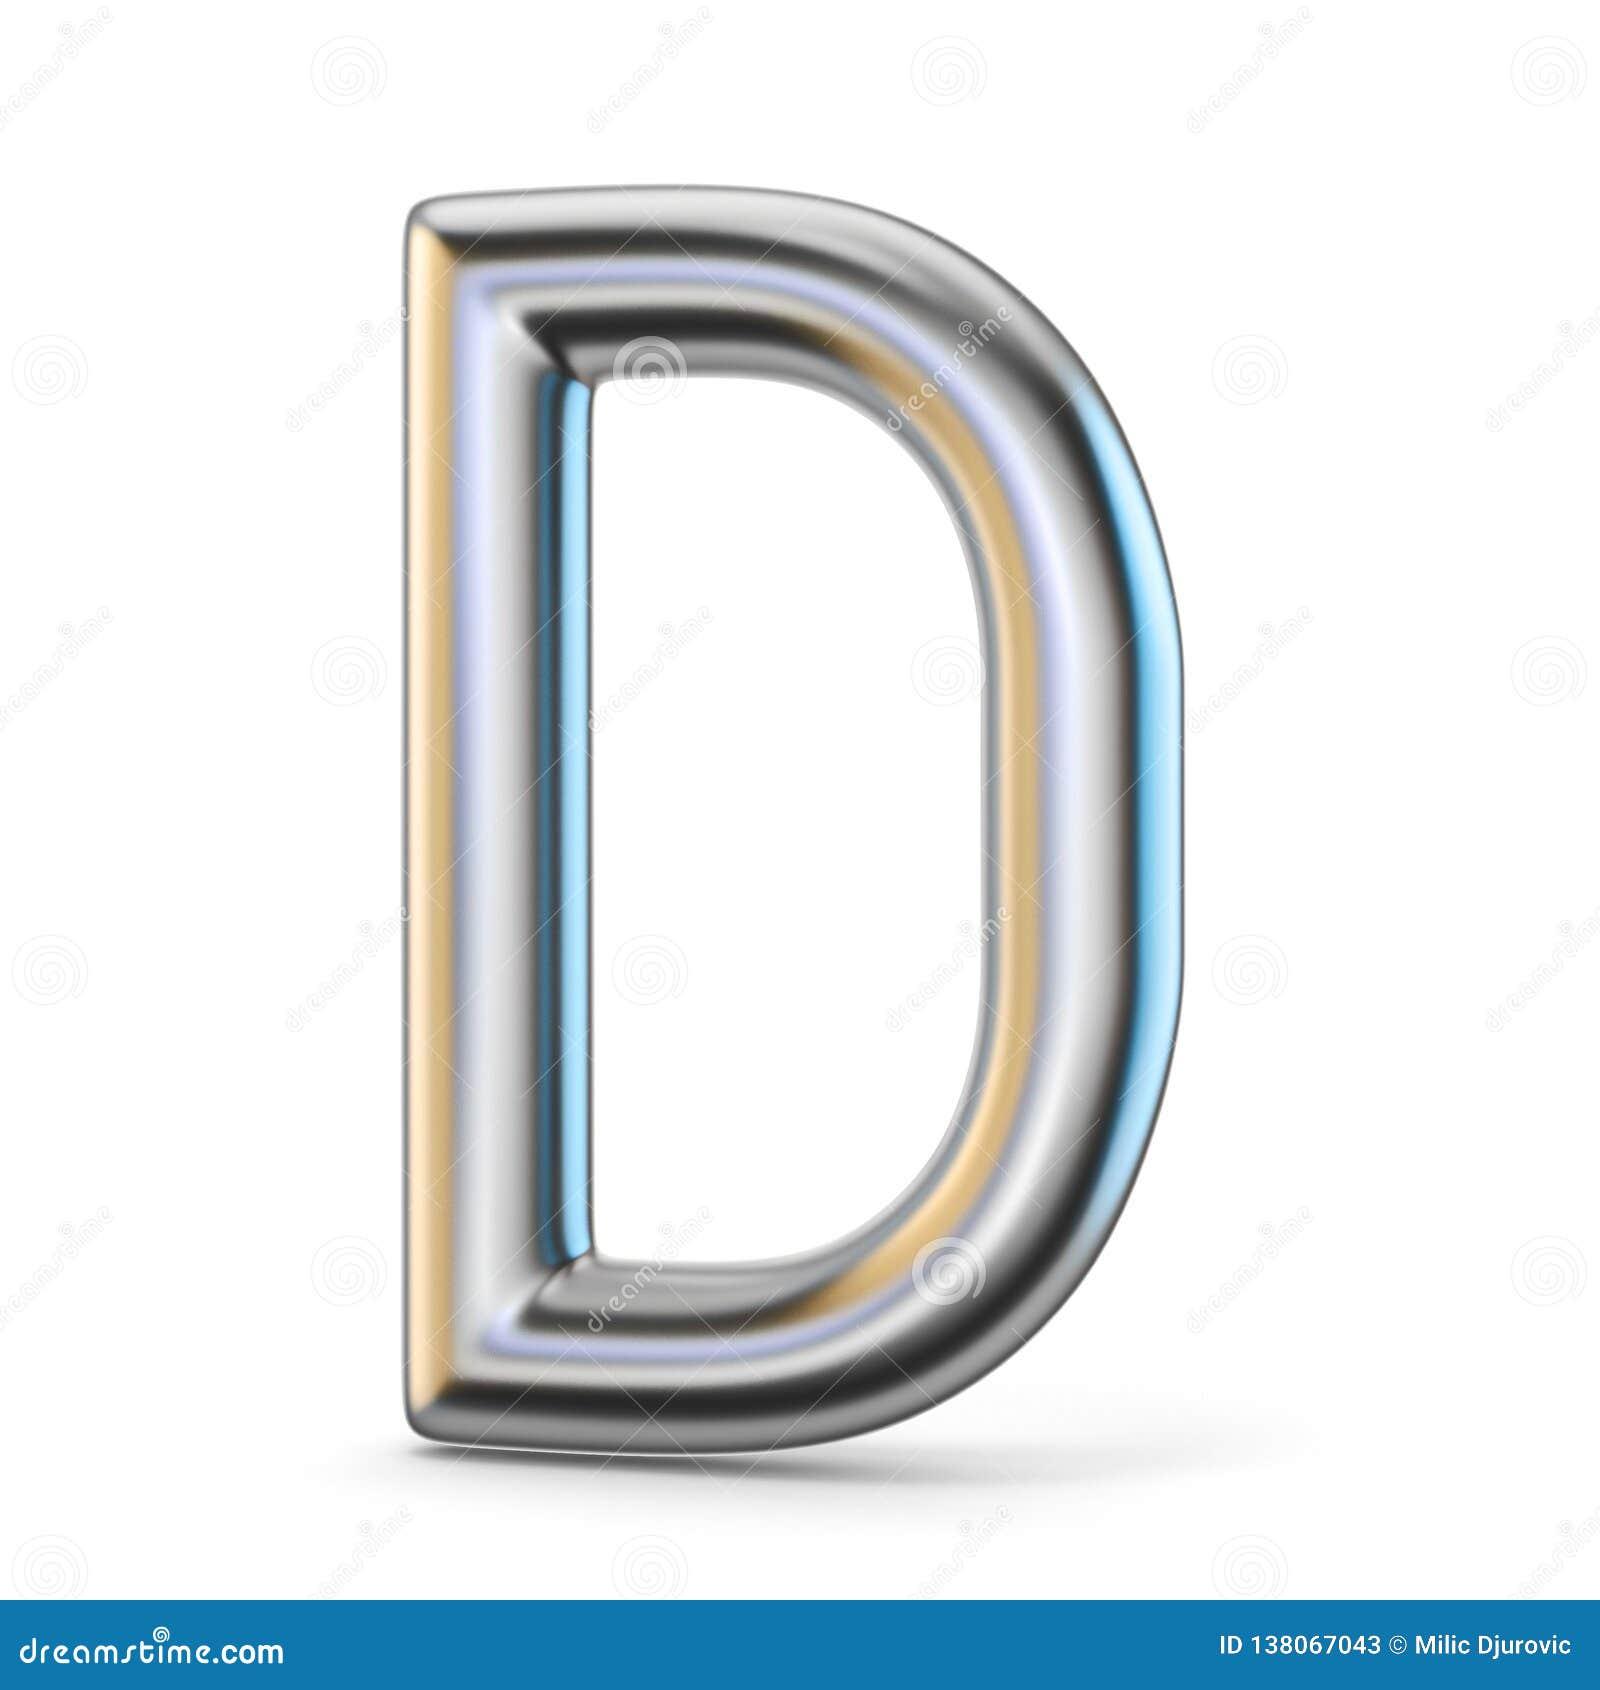 Metal alphabet symbol. Letter D 3D